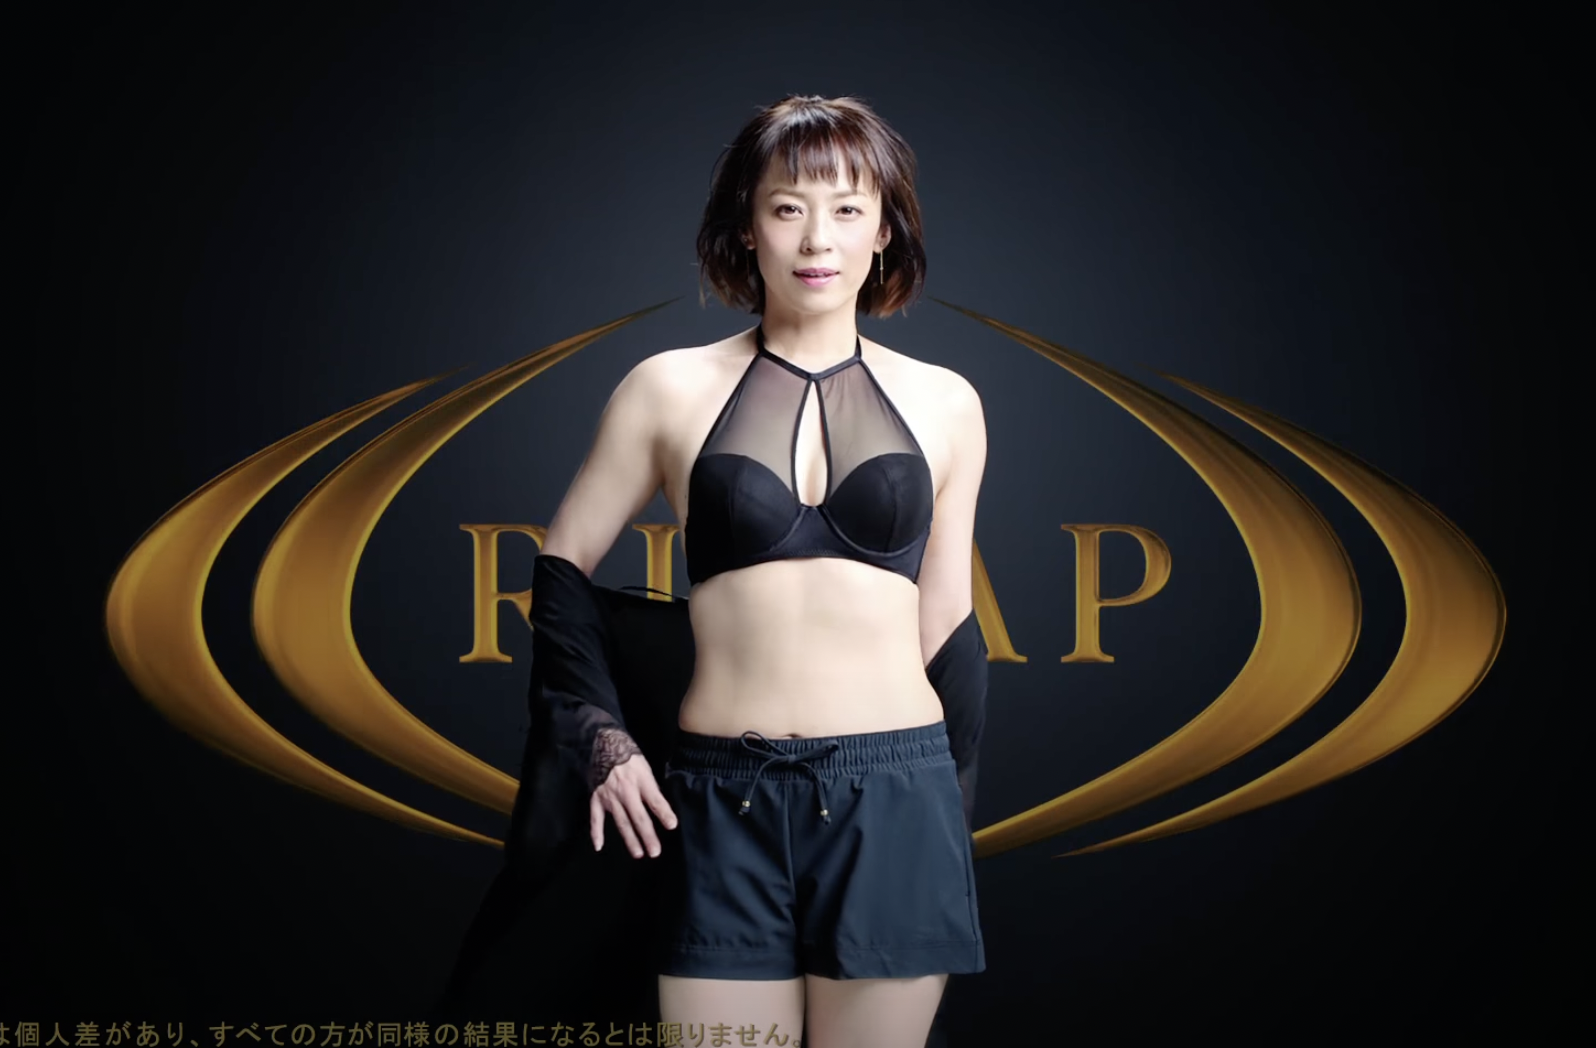 佐藤仁美、ライザップで-12.2kg達成